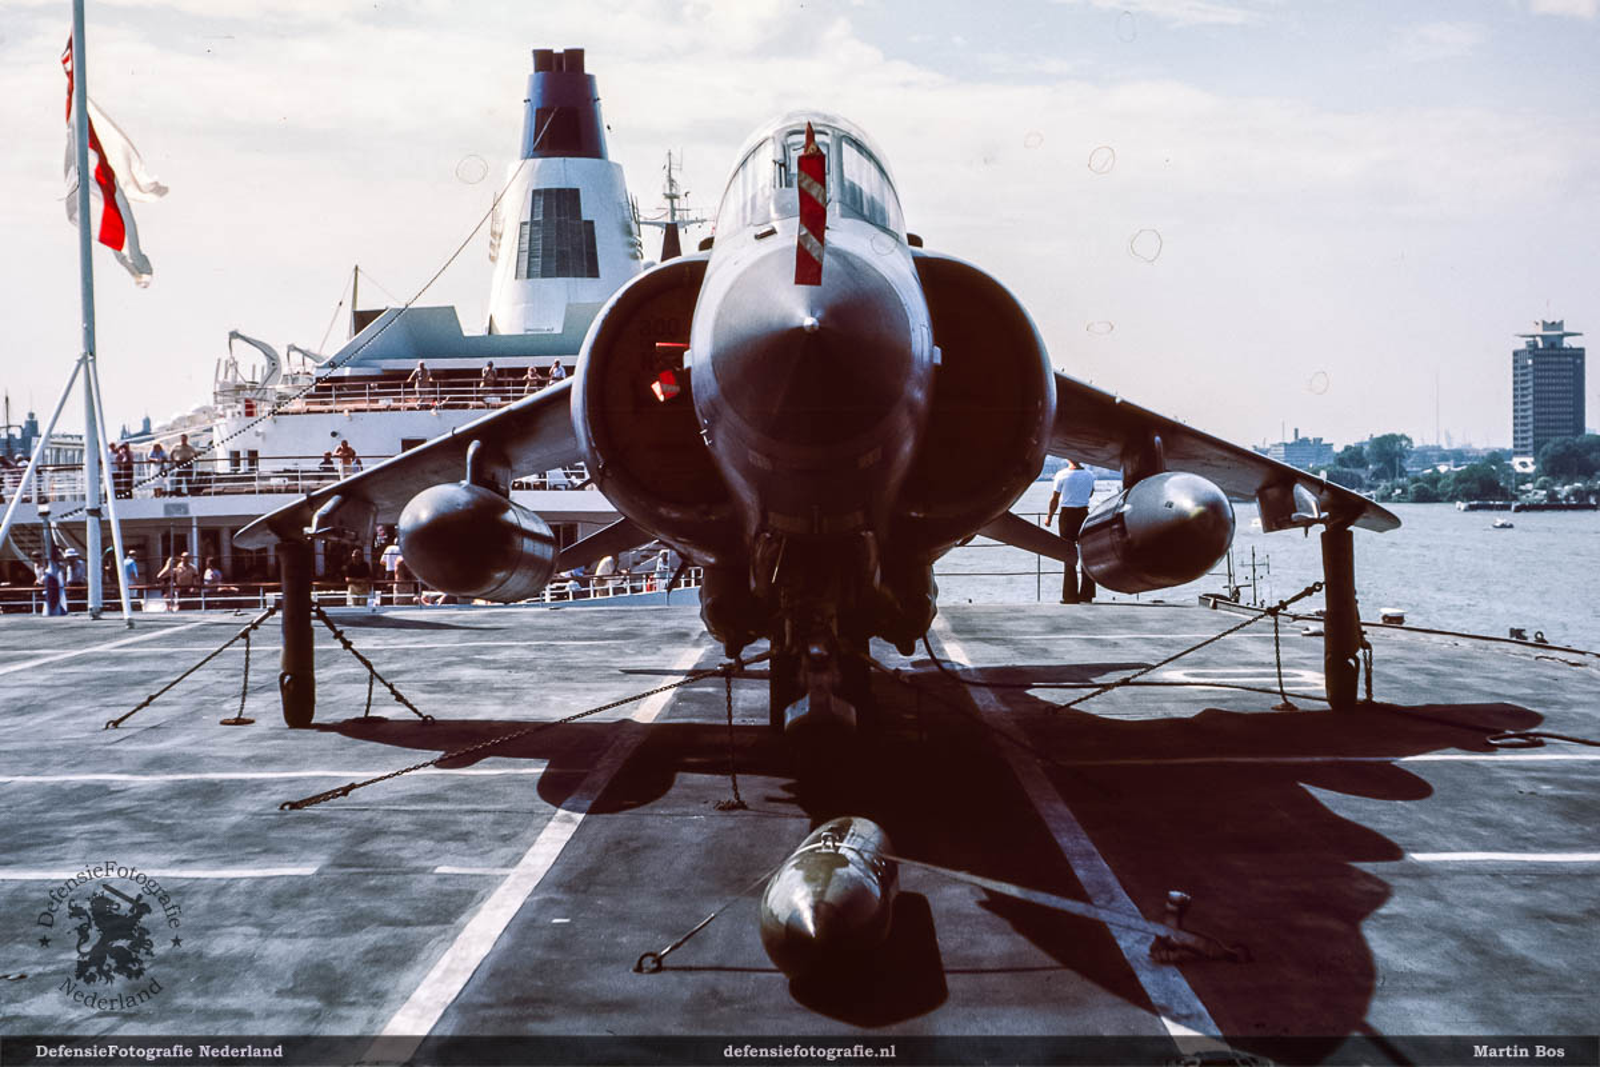 Frontaal zicht op de Sea Harrier